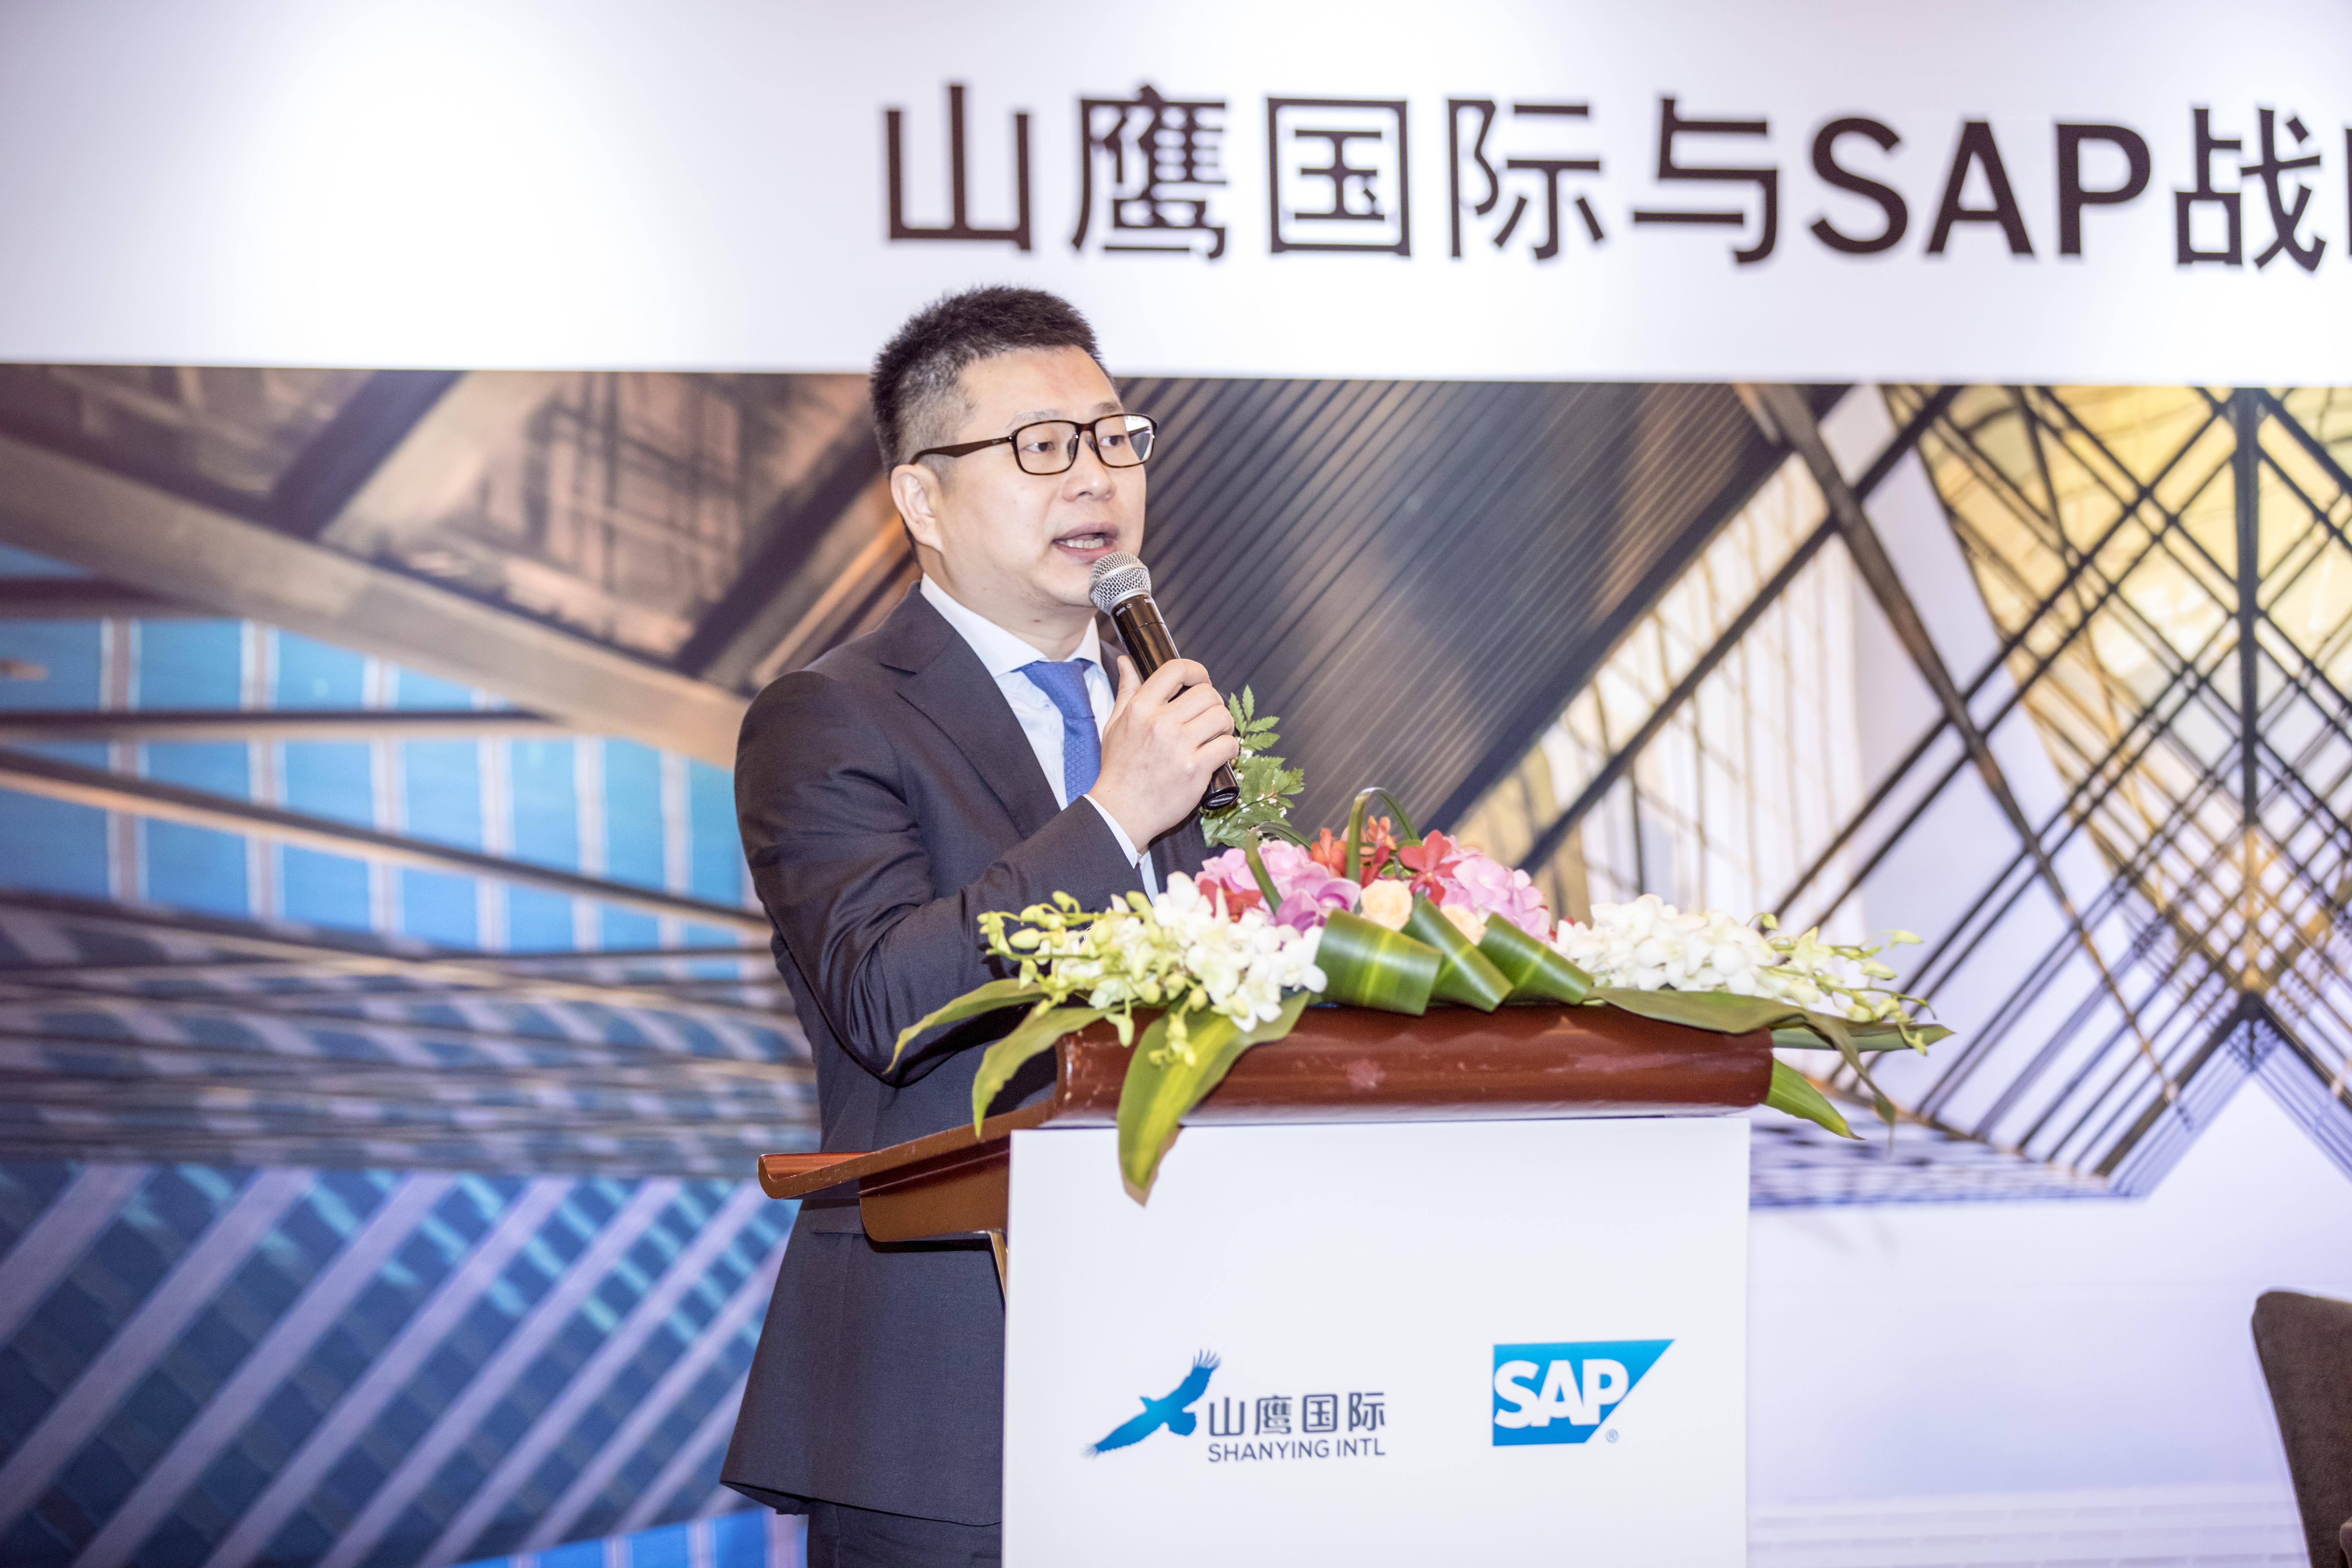 打造数字化企业,山鹰国际为何选择与SAP牵手?